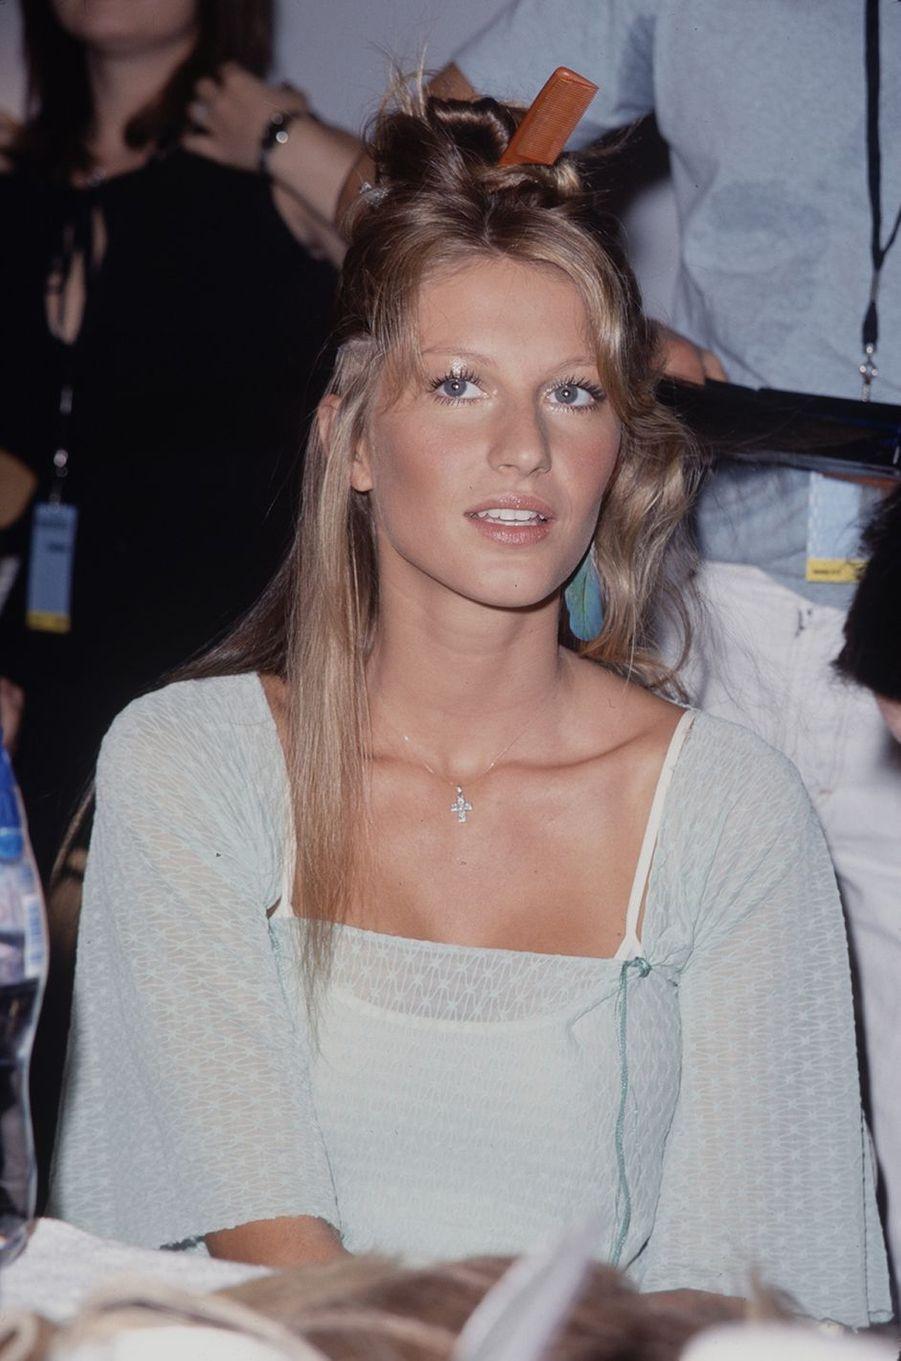 Gisele Bündchen dans les coulisses d'un défilé à la fin des années 1990